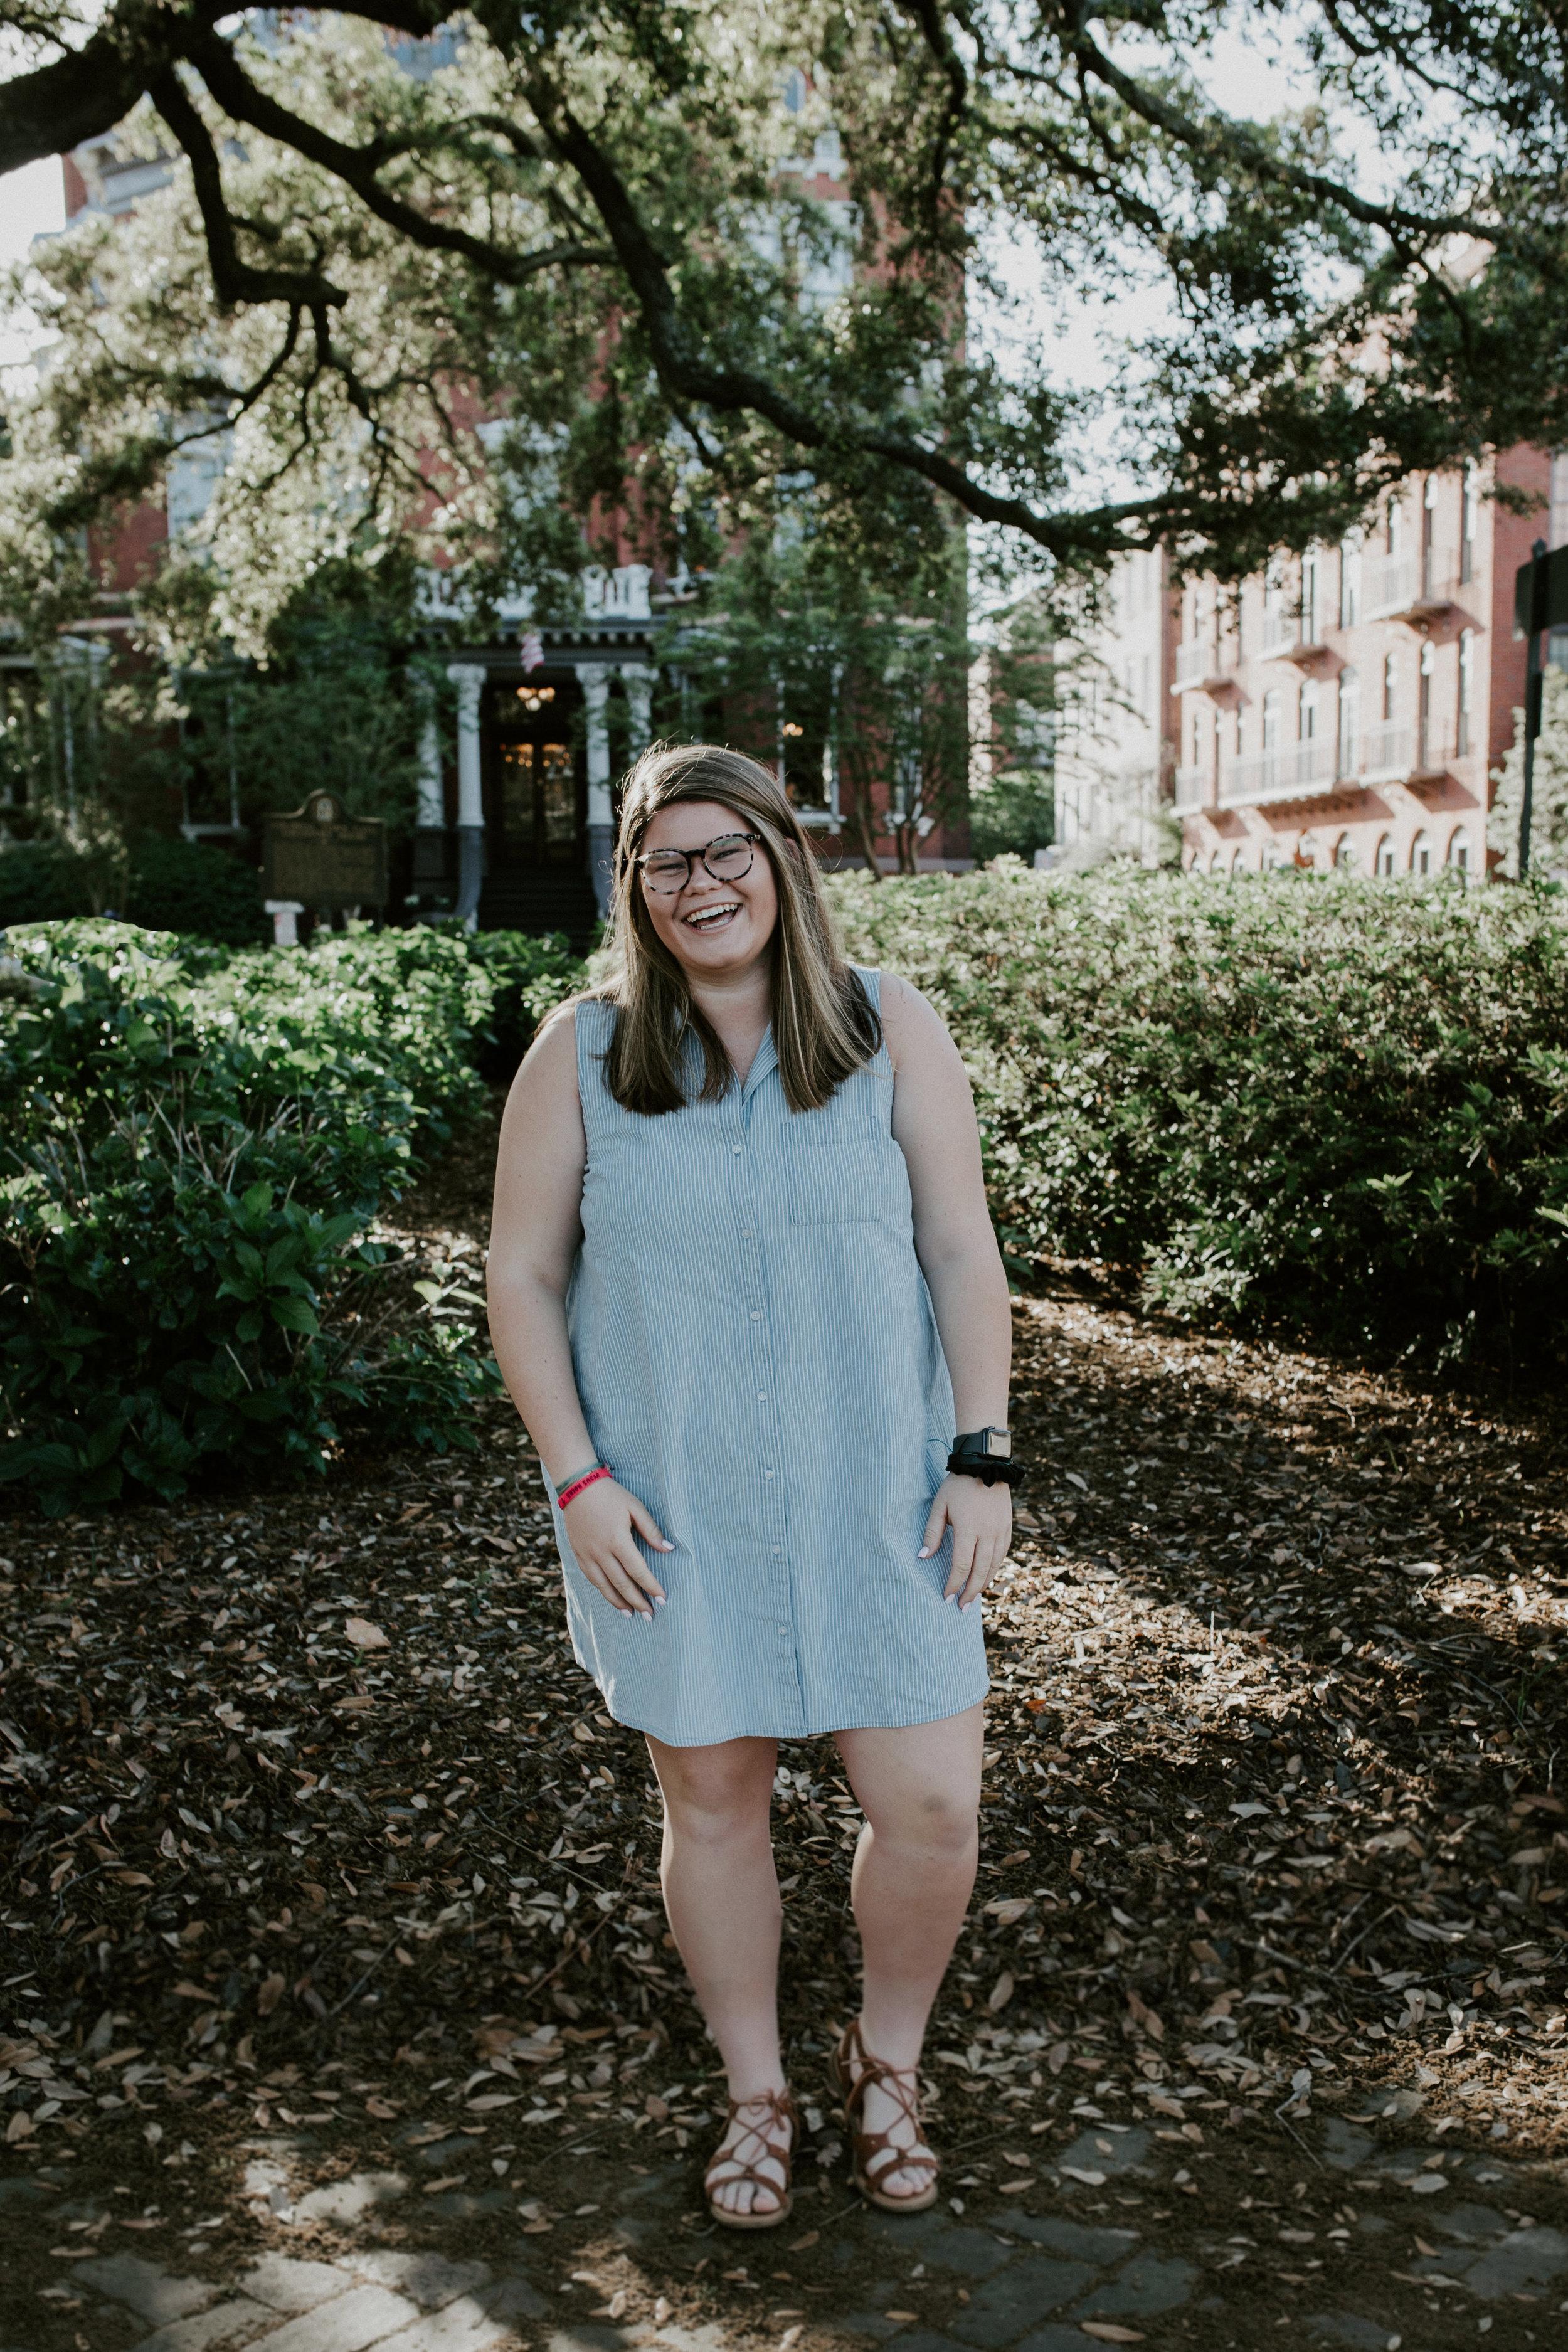 Shelby s Graduation-Edited Photos-0003.jpg